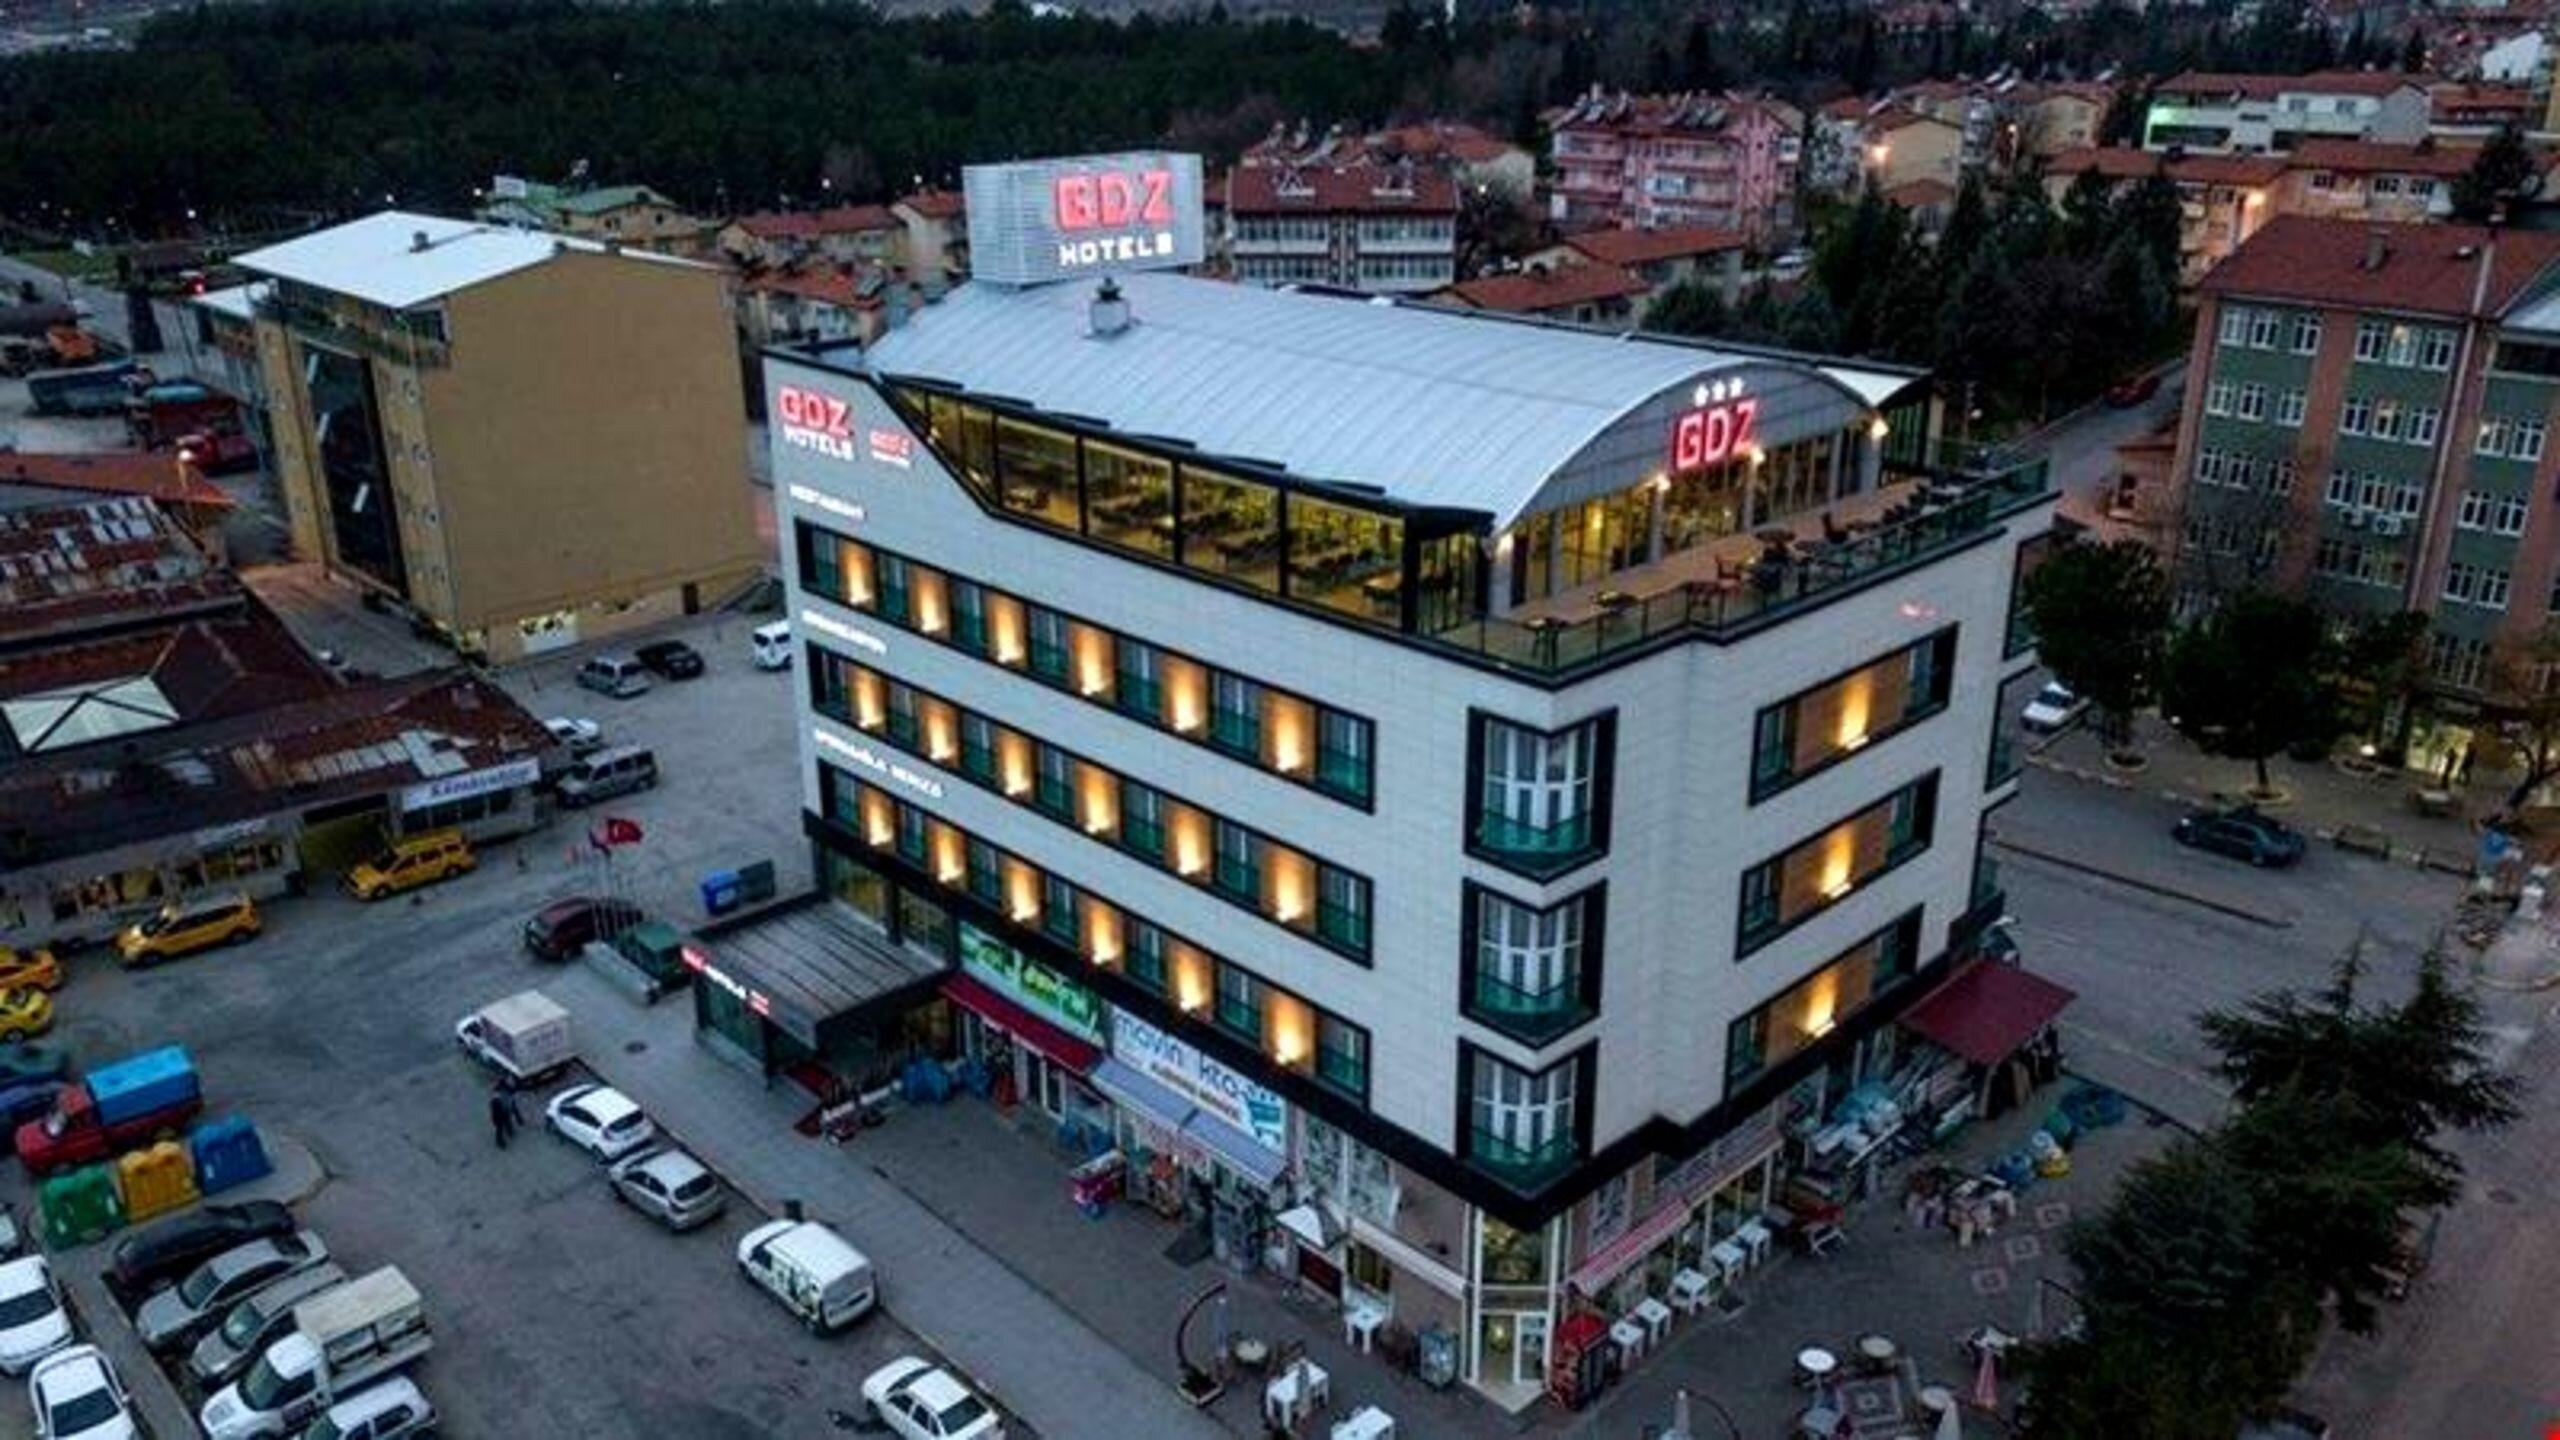 GDZ Gediz Hotel Kütahya